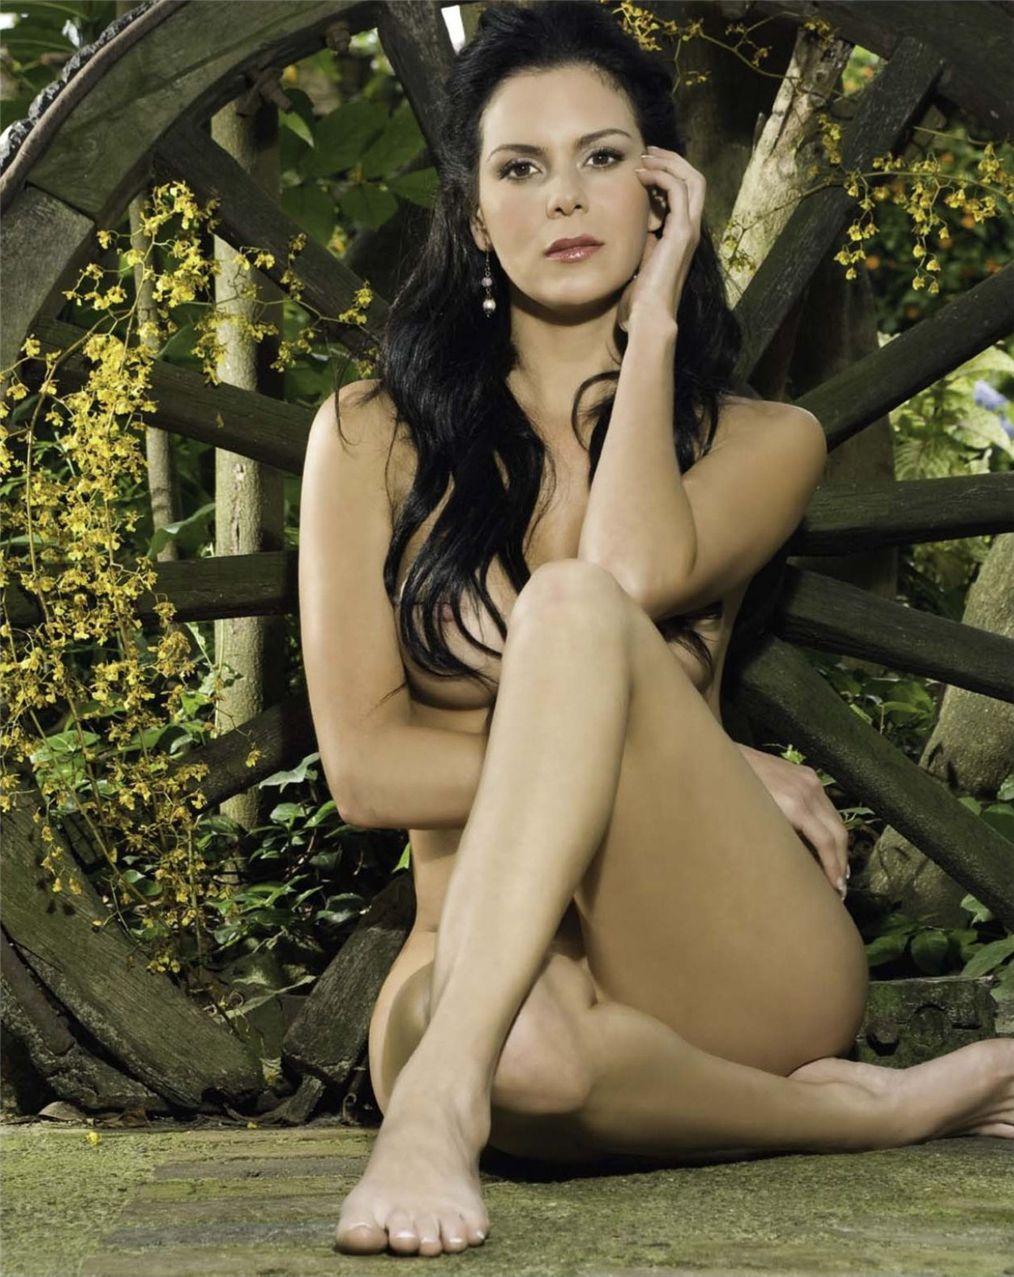 сексуальная модель Анна Беатрис / Anna Beatriz